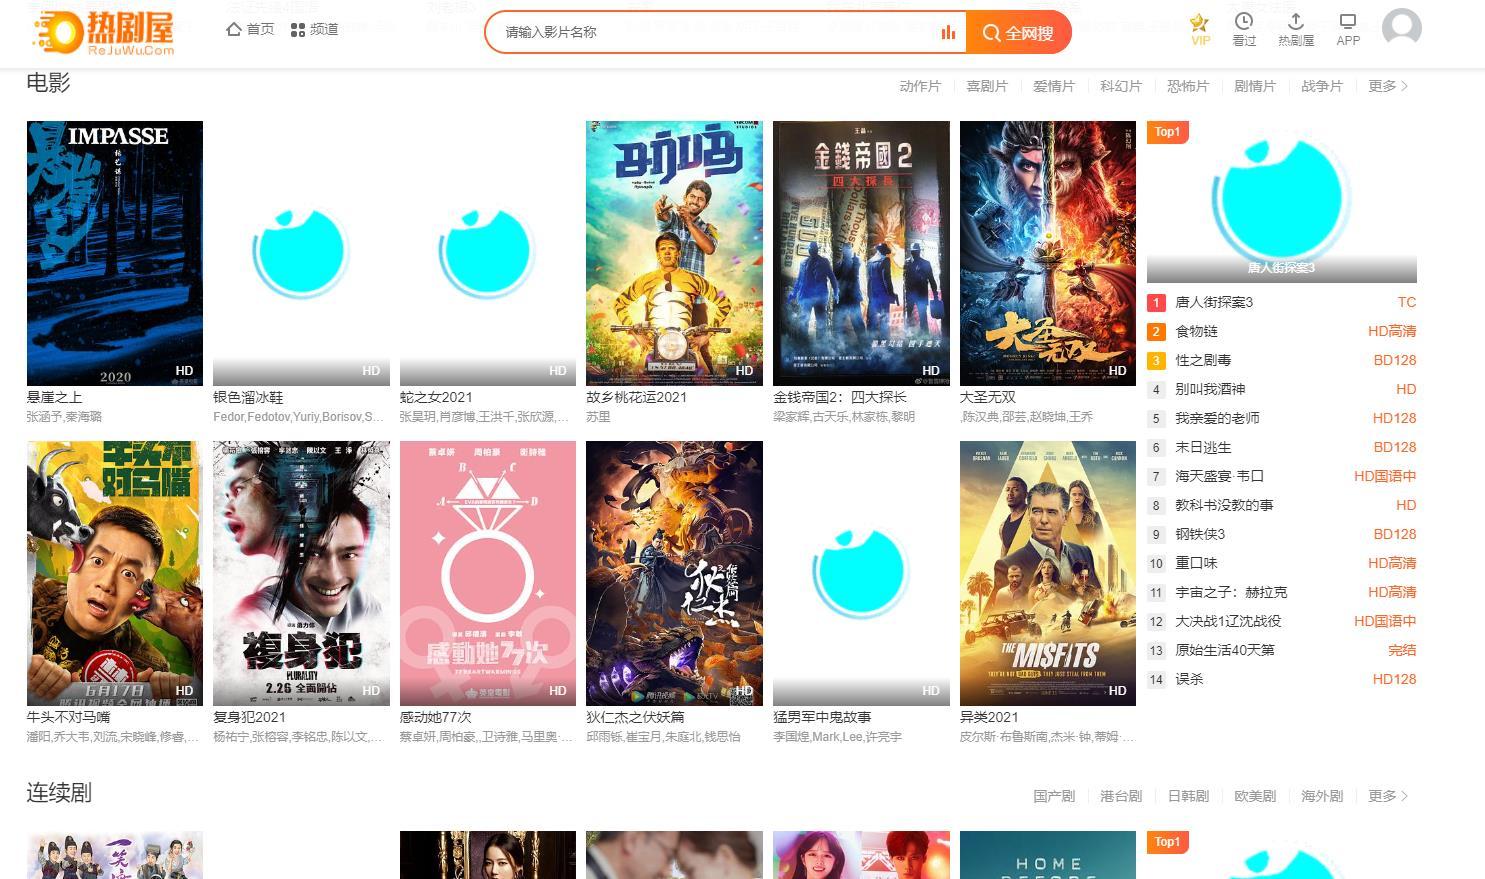 热剧屋(rejuwu)最新电影电视剧免费在线观看